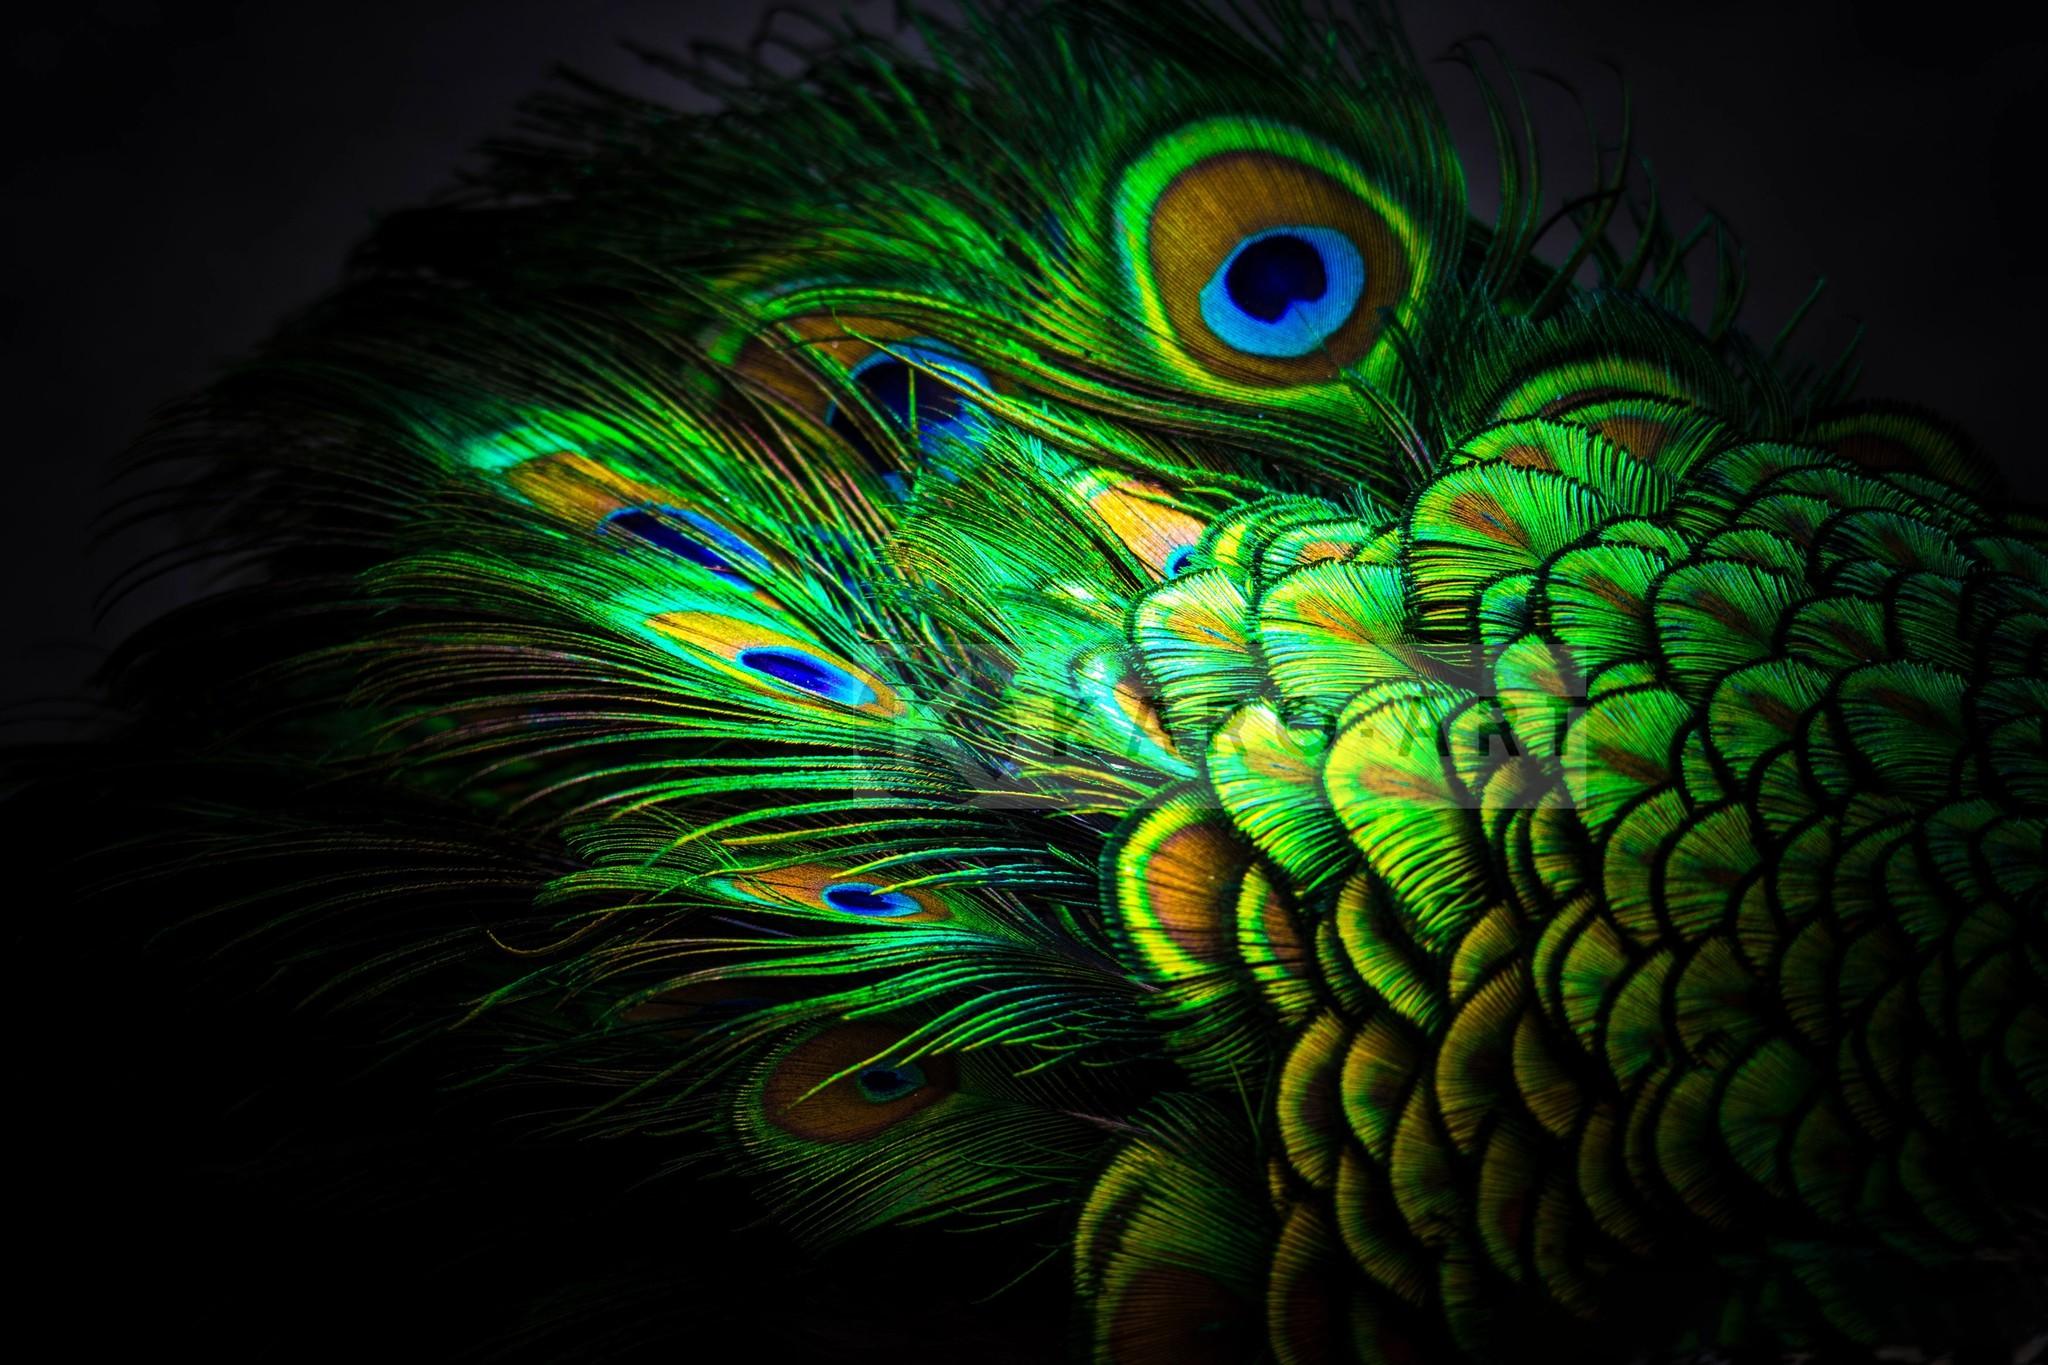 Afbeelding op acrylglas - Pauw veren